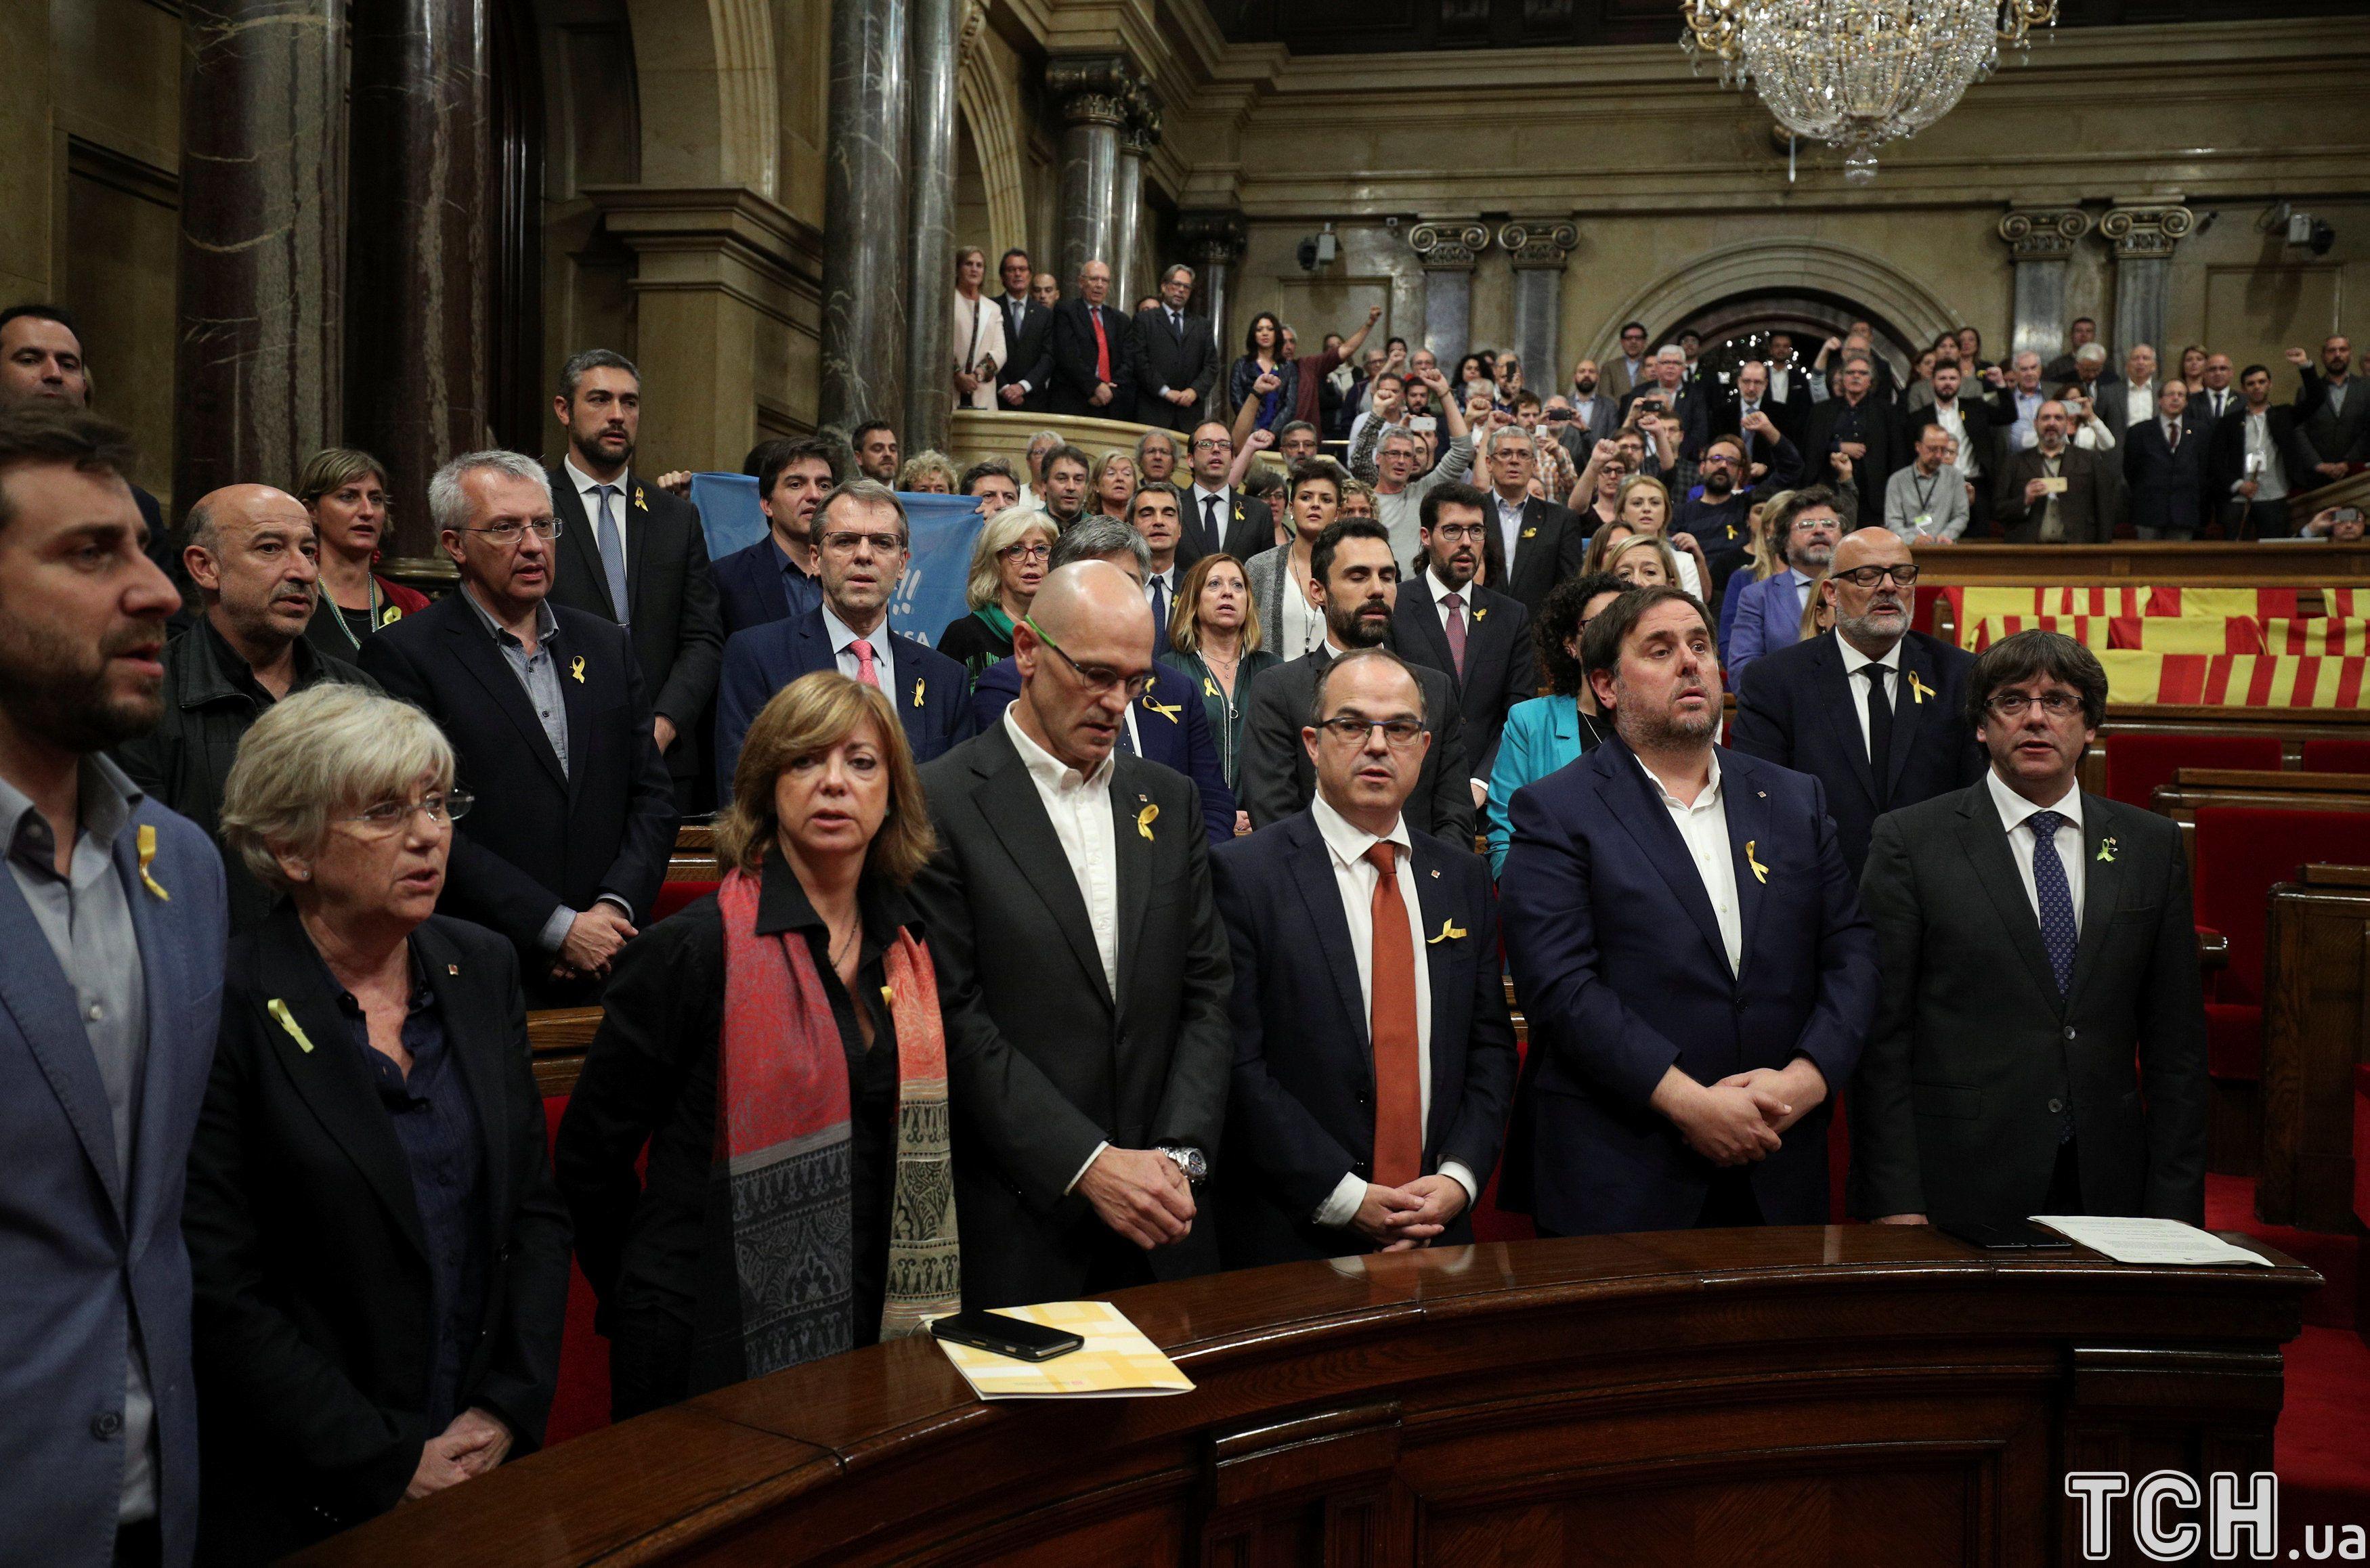 Німеччина, Франція і Британія не підтримали незалежність Каталонії